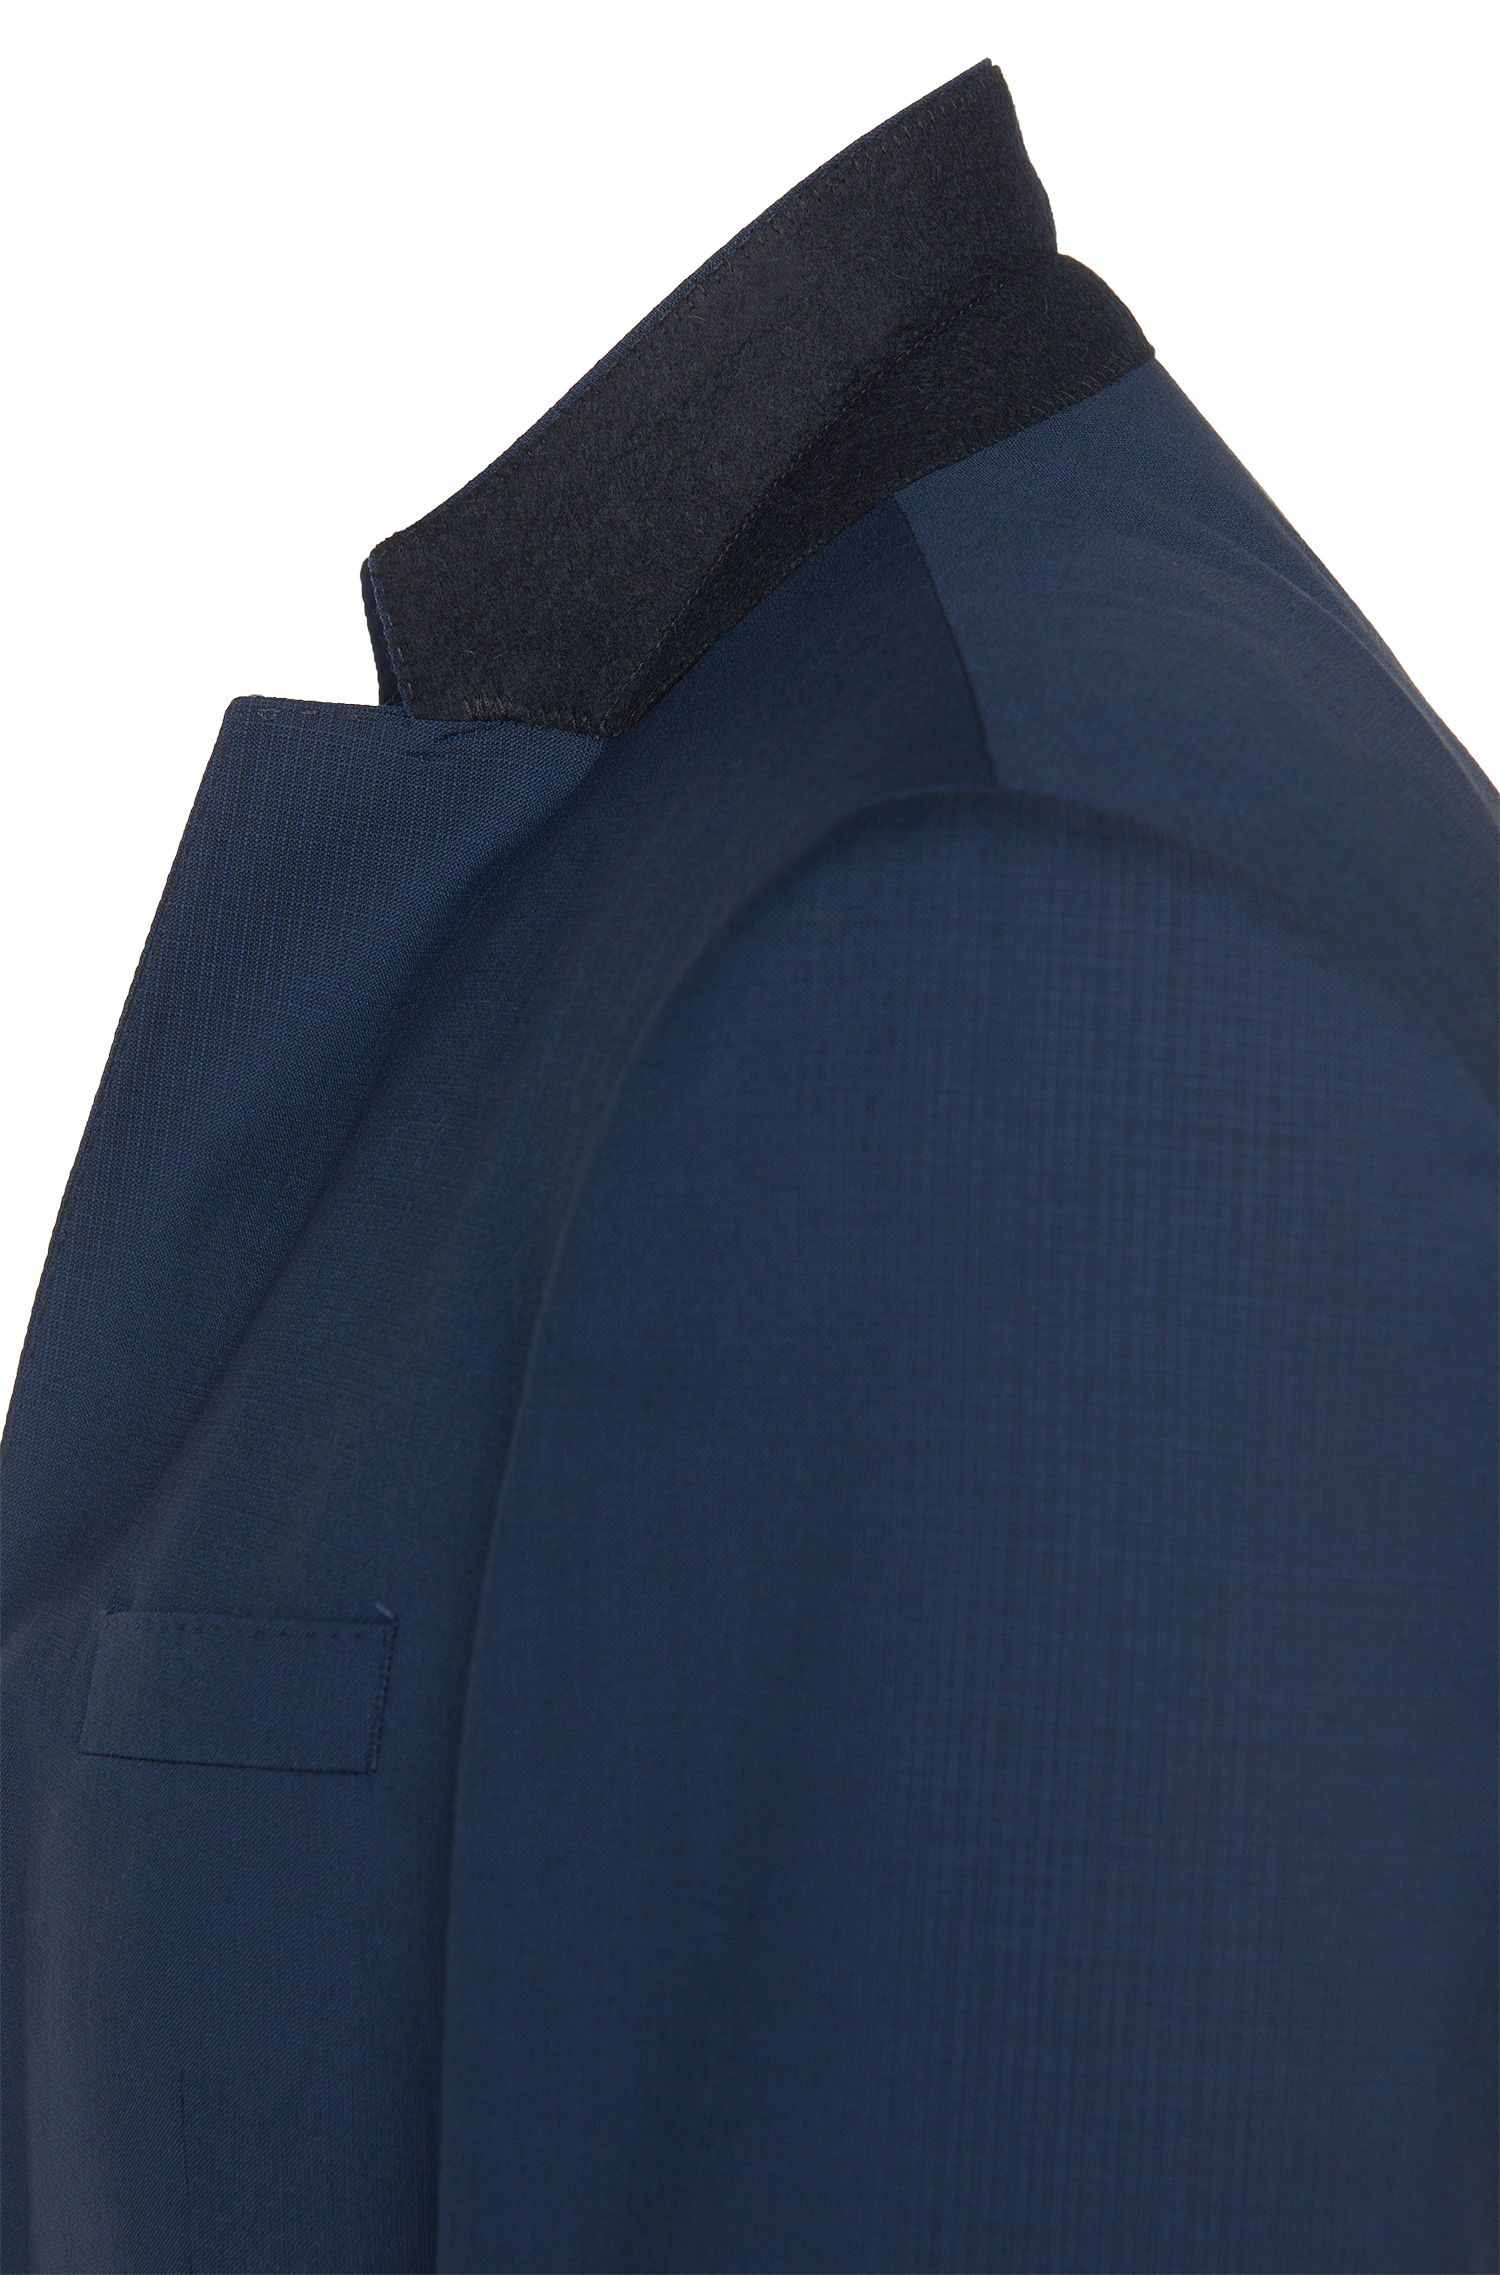 Slim-Fit Anzug aus Schurwolle mit feiner Struktur: 'Huge4/Genius3'